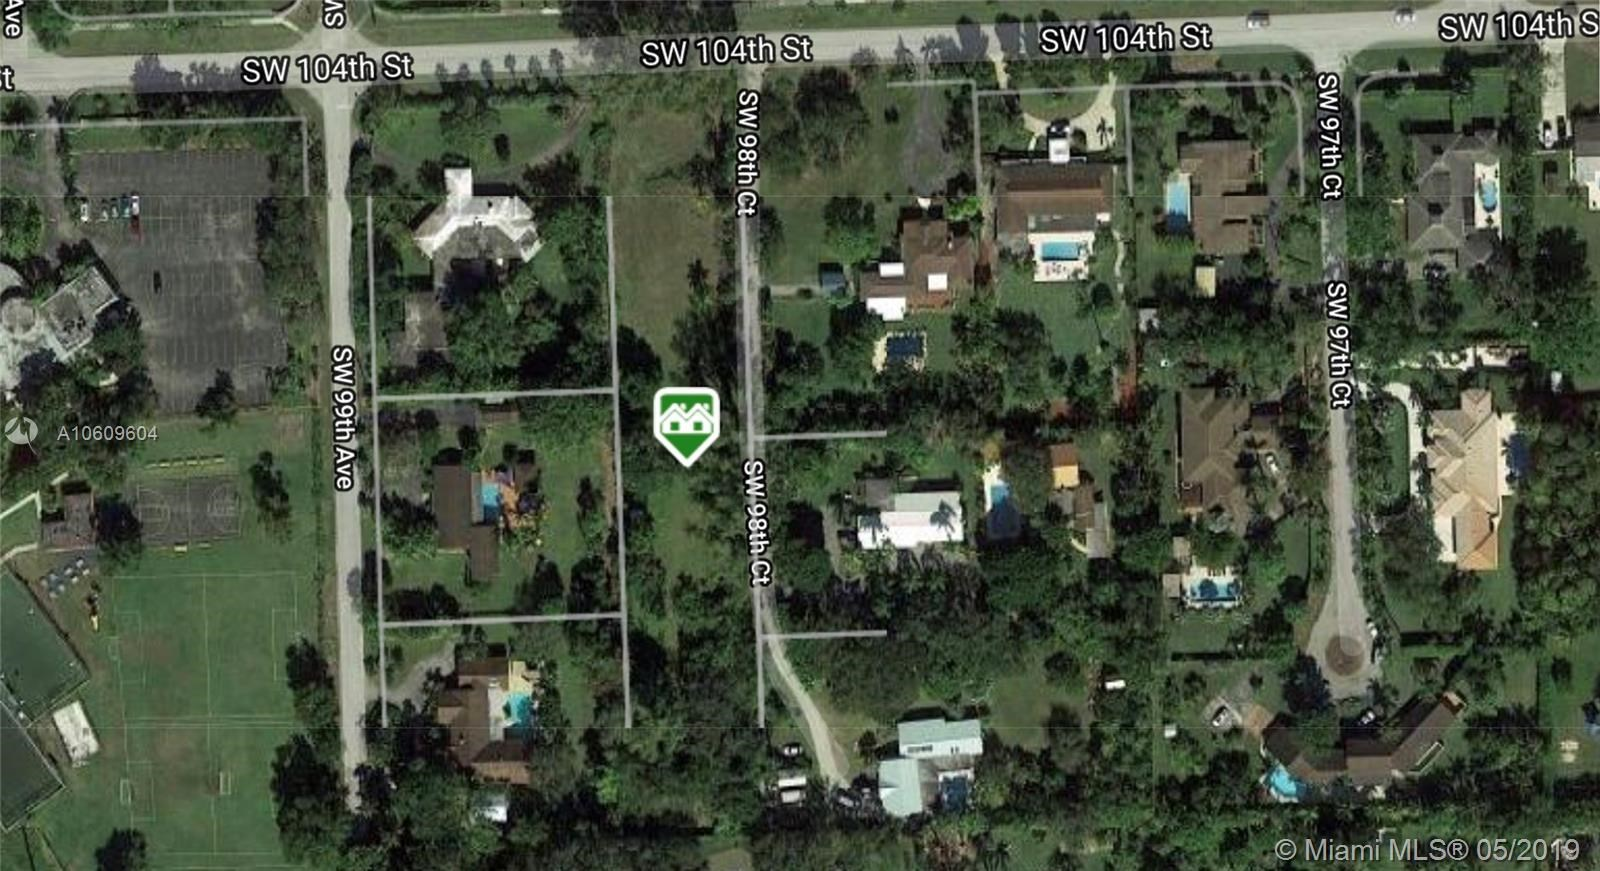 9840 SW 104th St, Miami, FL 33176